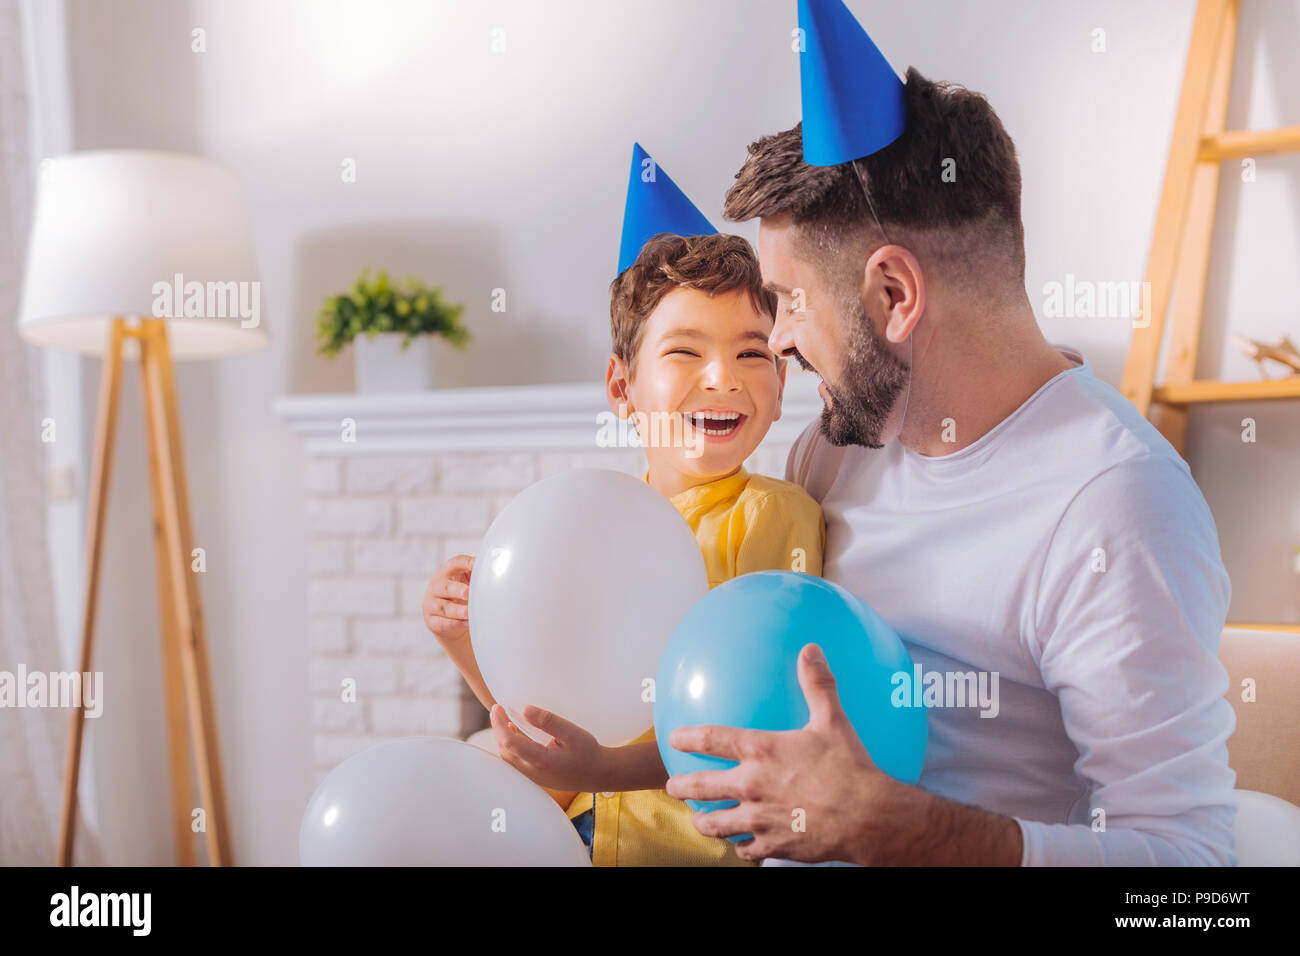 Niño feliz tener fiesta de cumpleaños Imagen De Stock